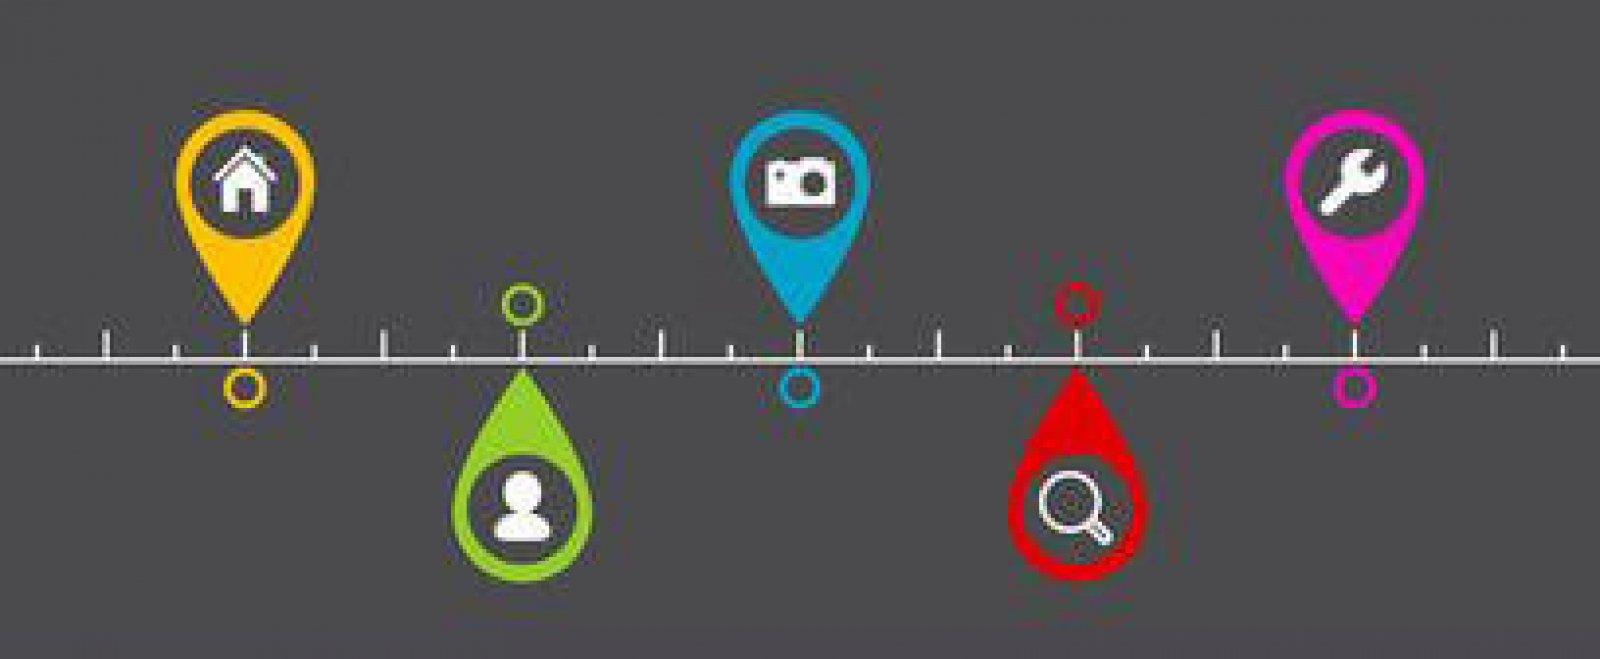 lexoffice, lexoffice.de, Buchhaltung, online neue Funktionen, timeline, entwickelt sich weiter,